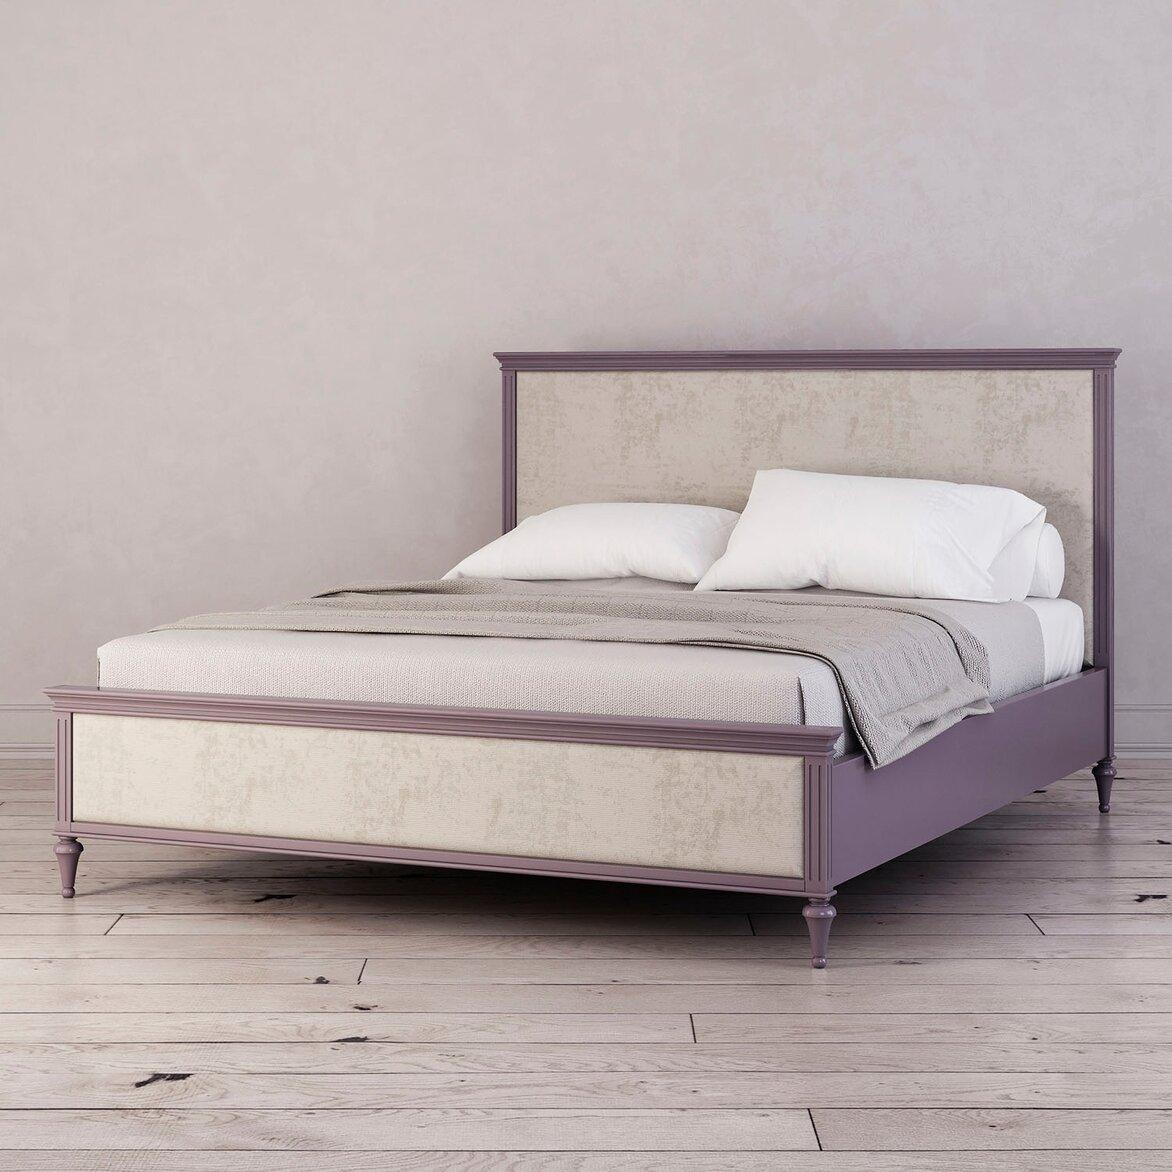 Кровать с мягким изголовьем Riverdi, орхидея (три четверти)